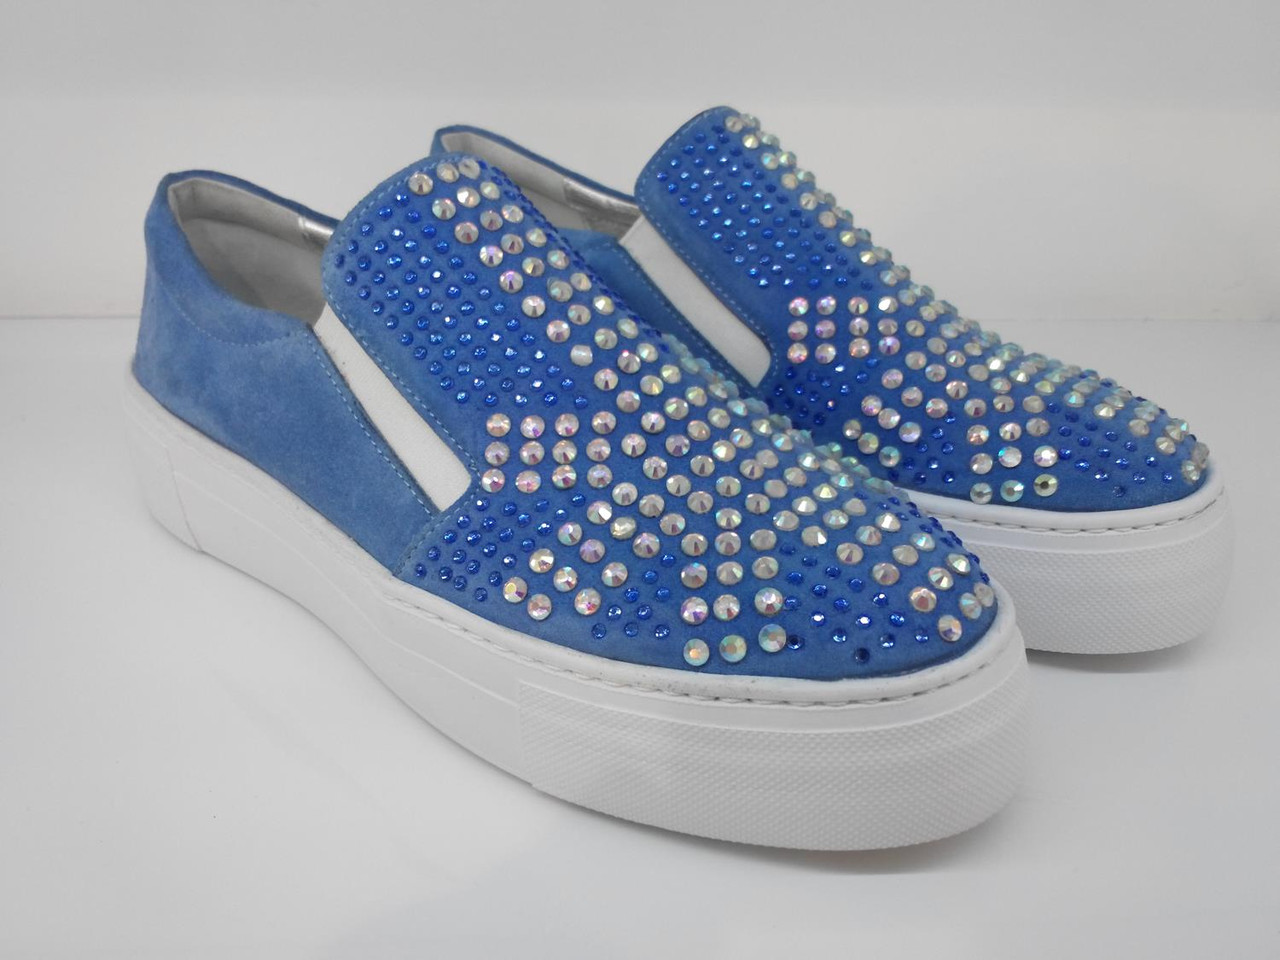 Слипоны Etor 5810-206-0259 40 голубые